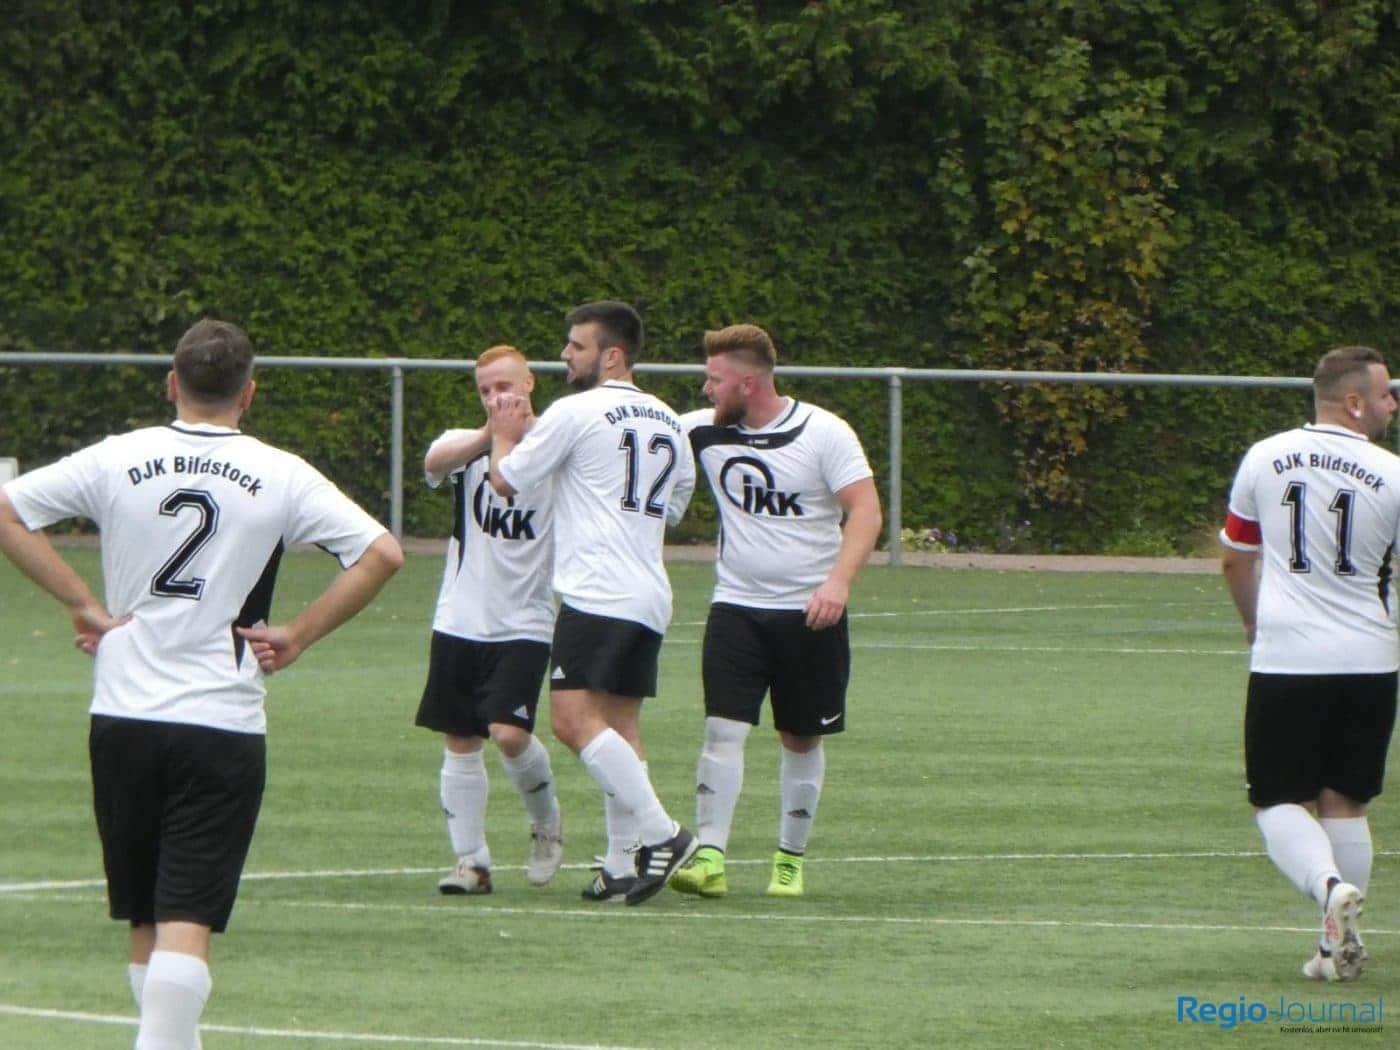 Die DJK Bildstock siegt wieder – Vorbericht zum Heimspiel gegen Neunkirchen